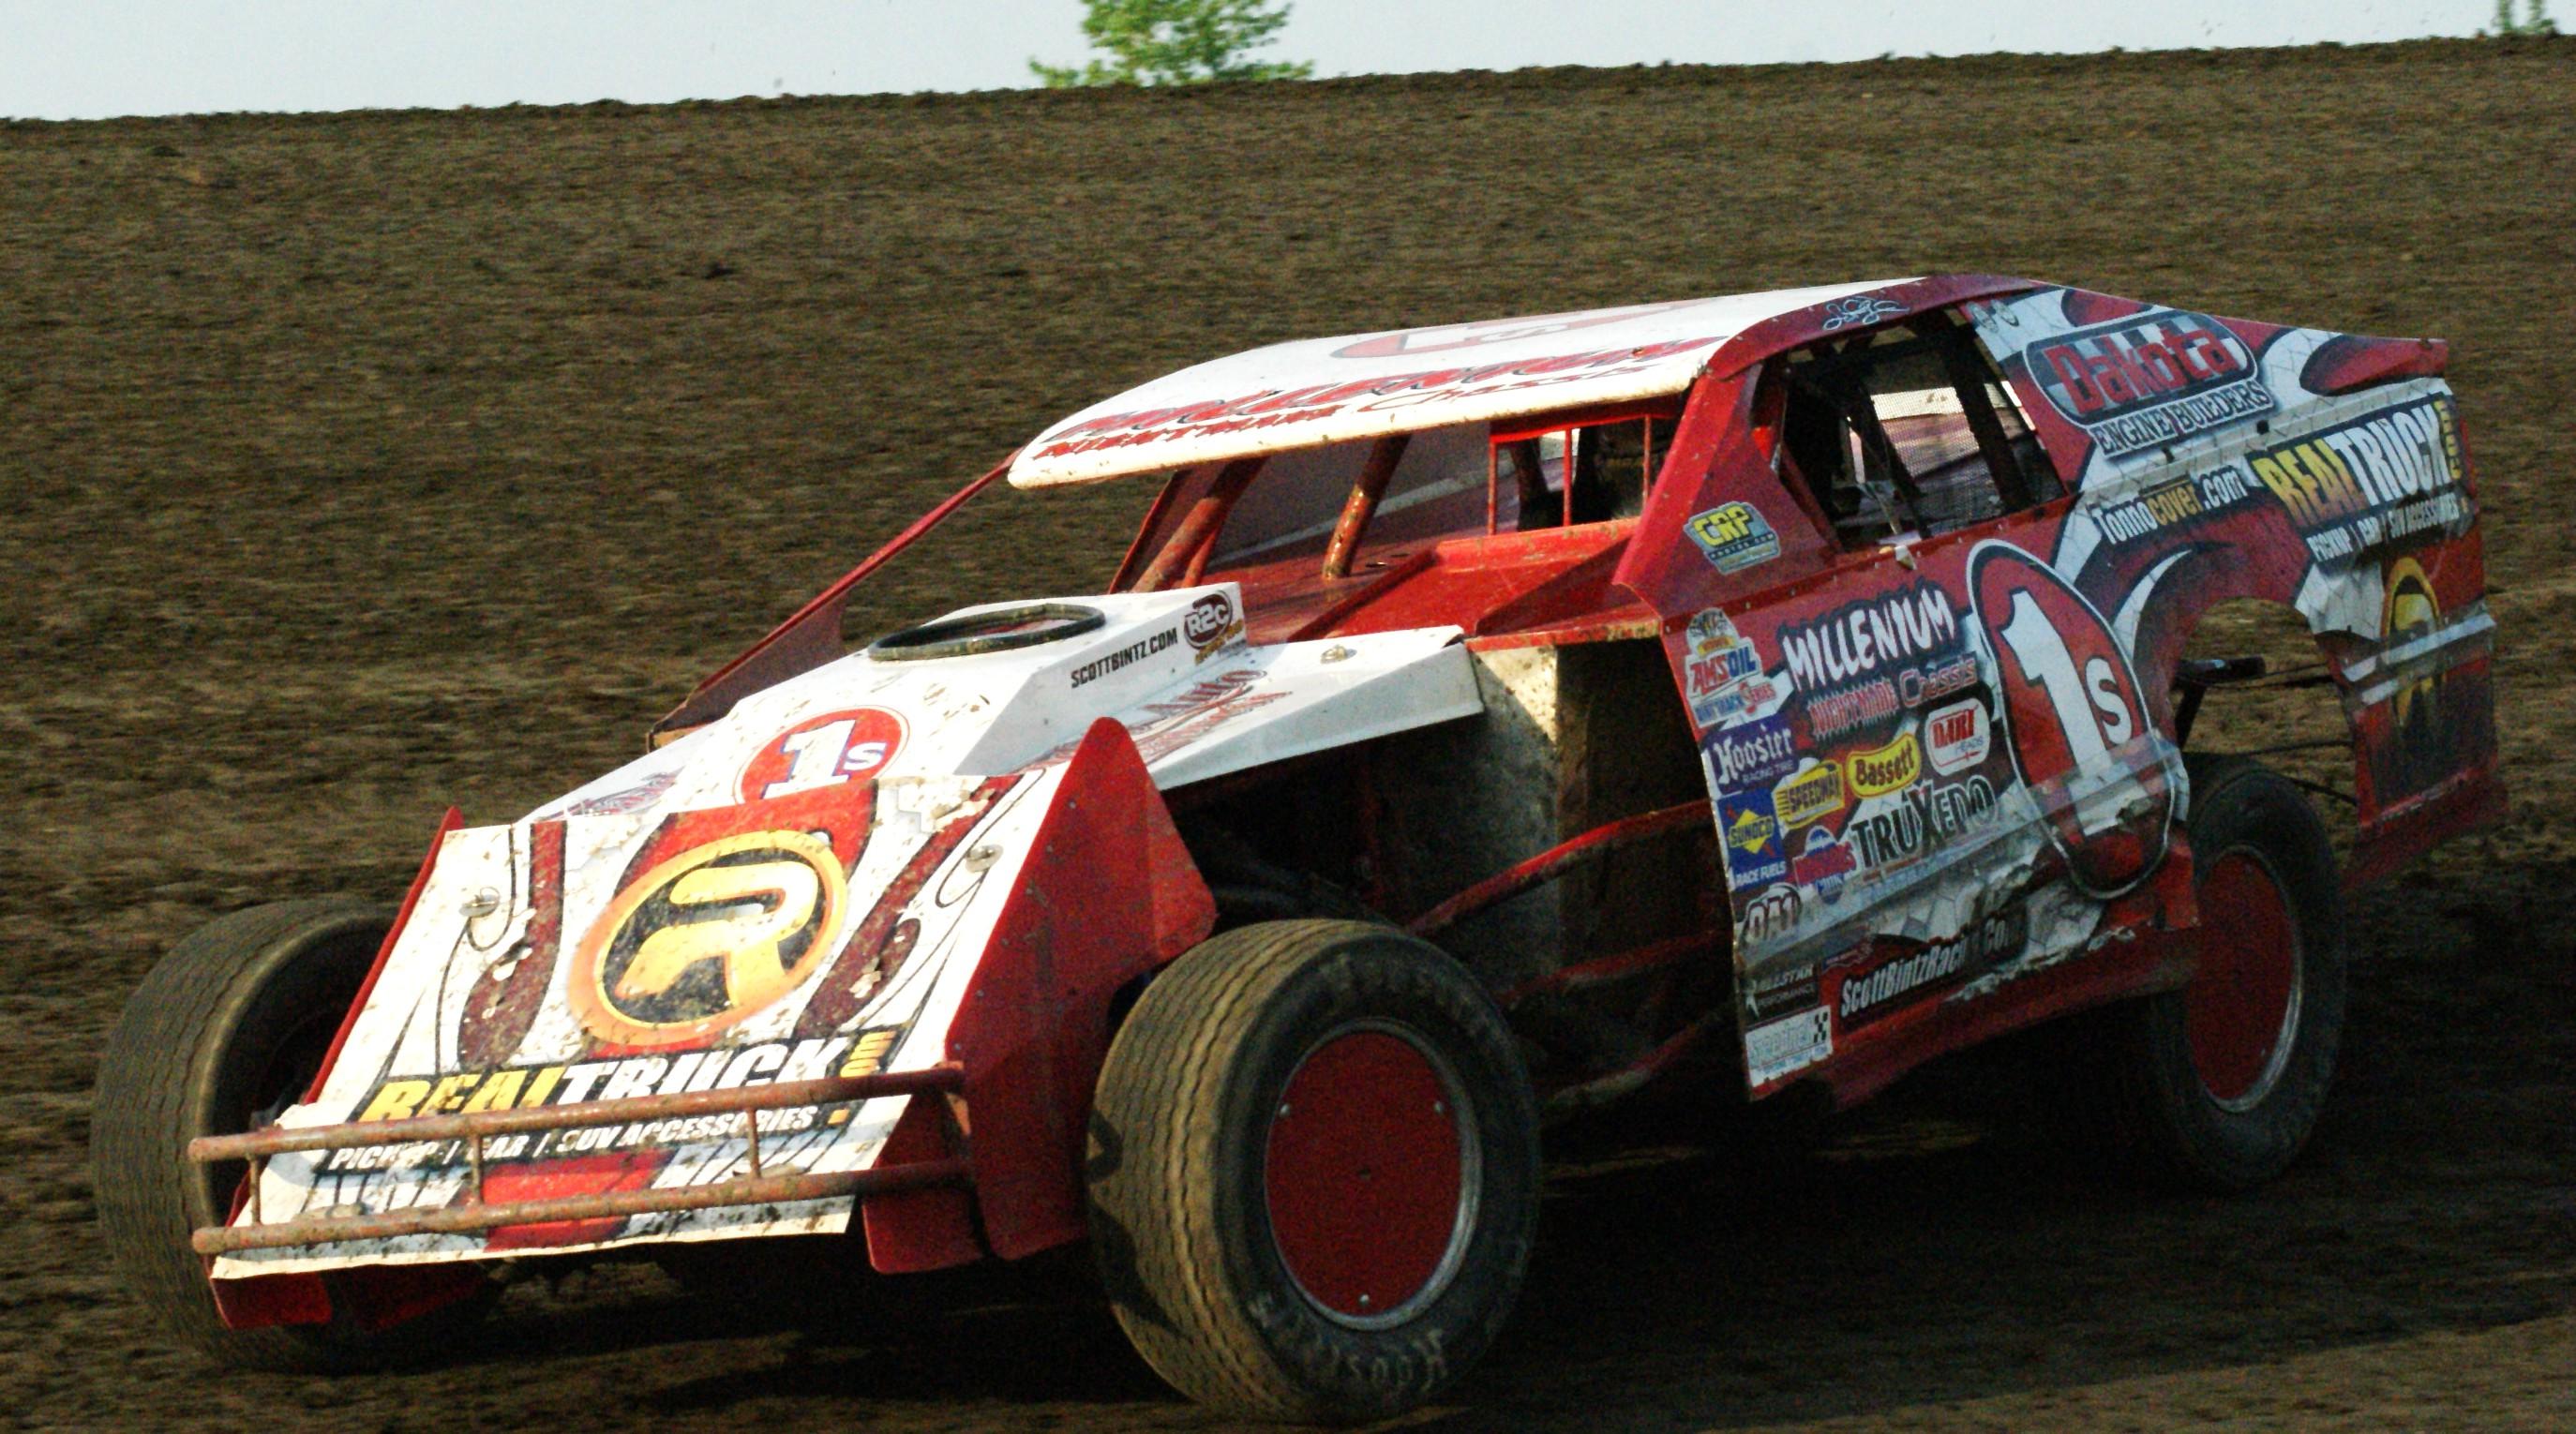 At the Jamestown Speedway 6-4-11